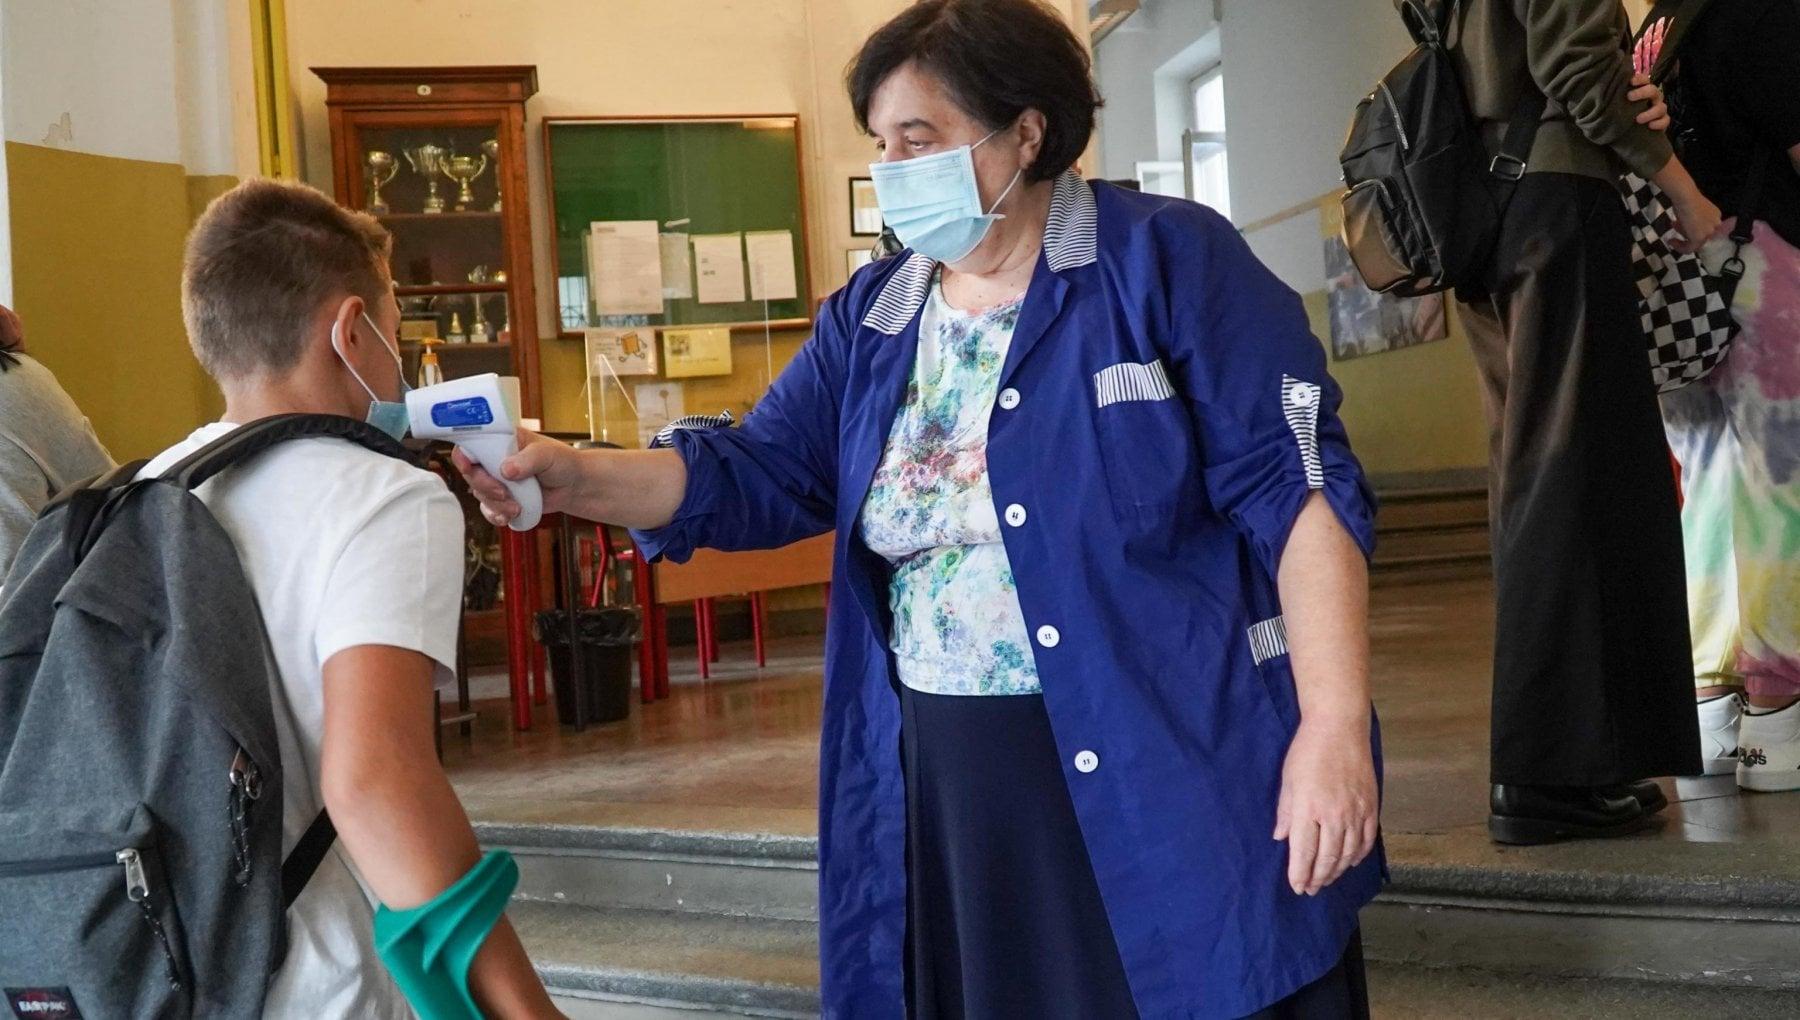 """224543413 a2ed8baf ee21 4f8b 9810 7969b4bd5eb4 - """"Scuola, no a un altro anno in Dad"""". Ed è lite sulle classi per soli vaccinati"""